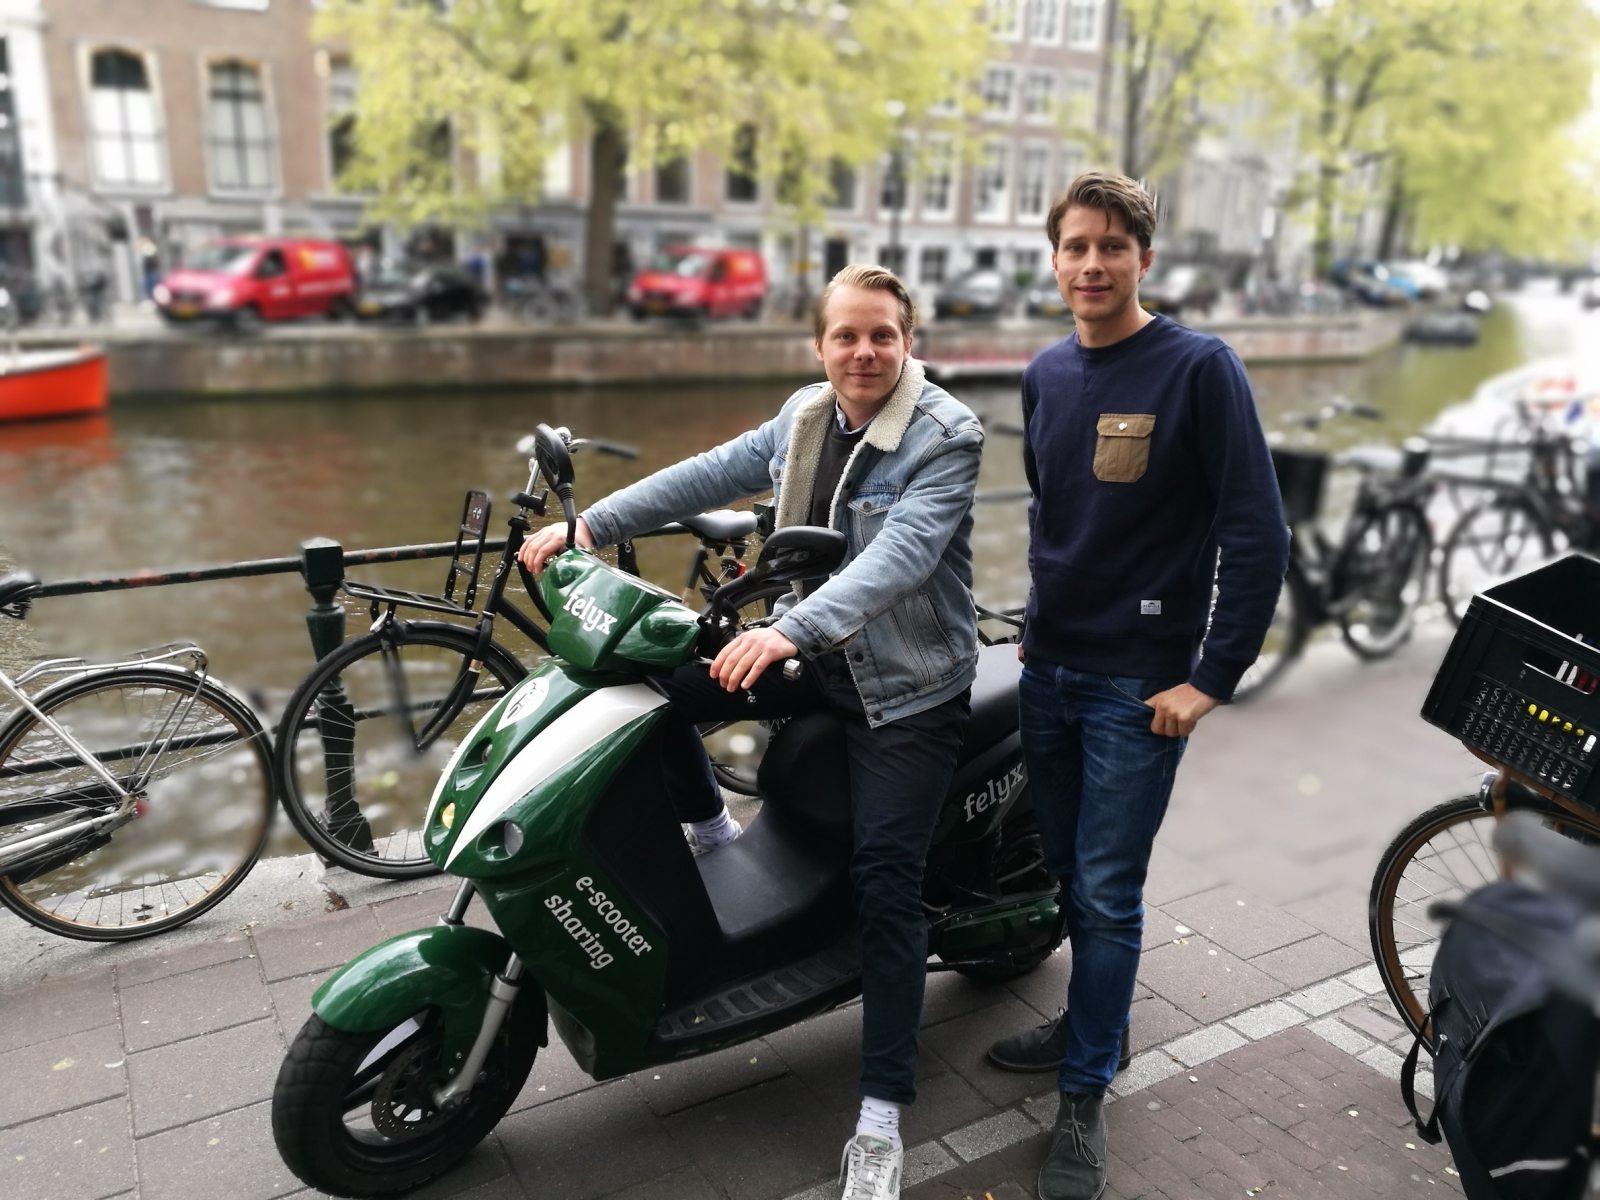 Deelscooter startup felyx ontvangt funding door pr-aandacht